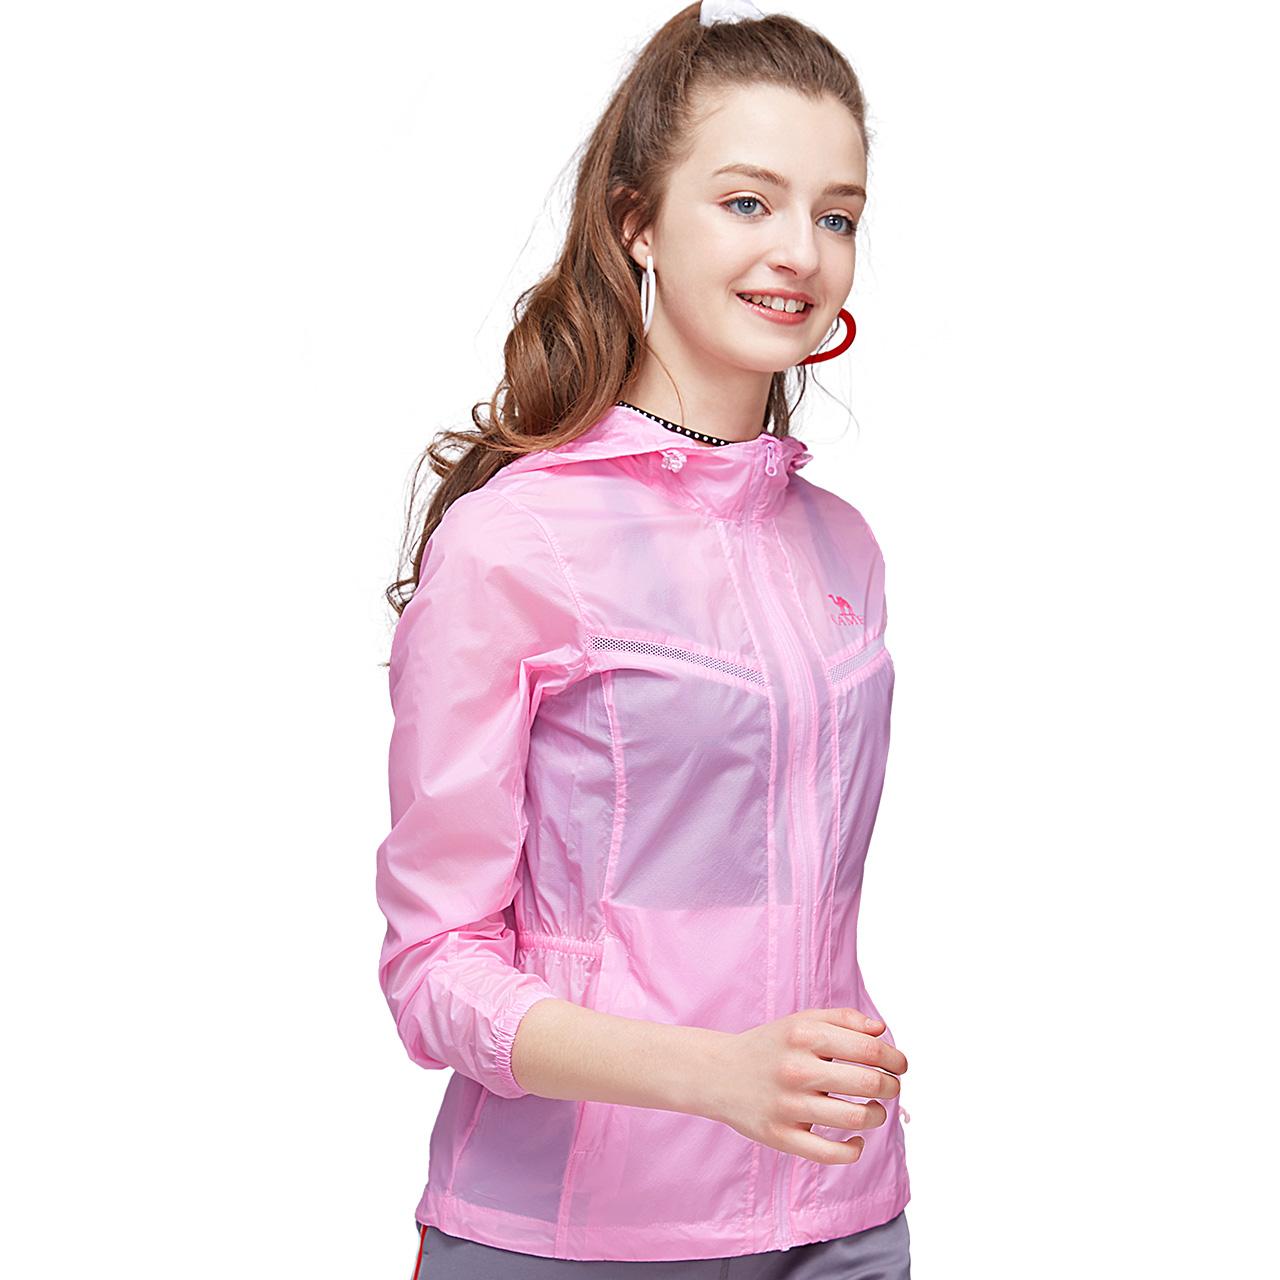 骆驼防晒衣女2019新款超薄透气男士皮肤衣夏季防紫外线防晒服衫